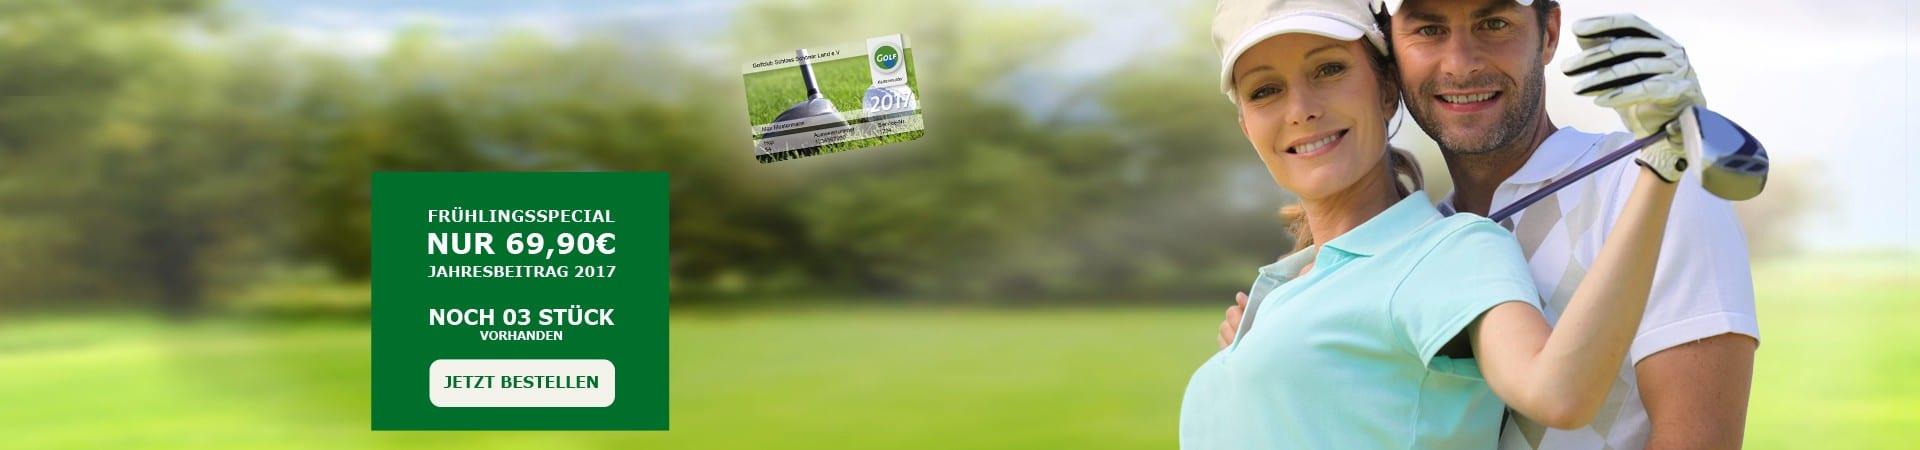 Günstige Golf Fernmitgliedschaft